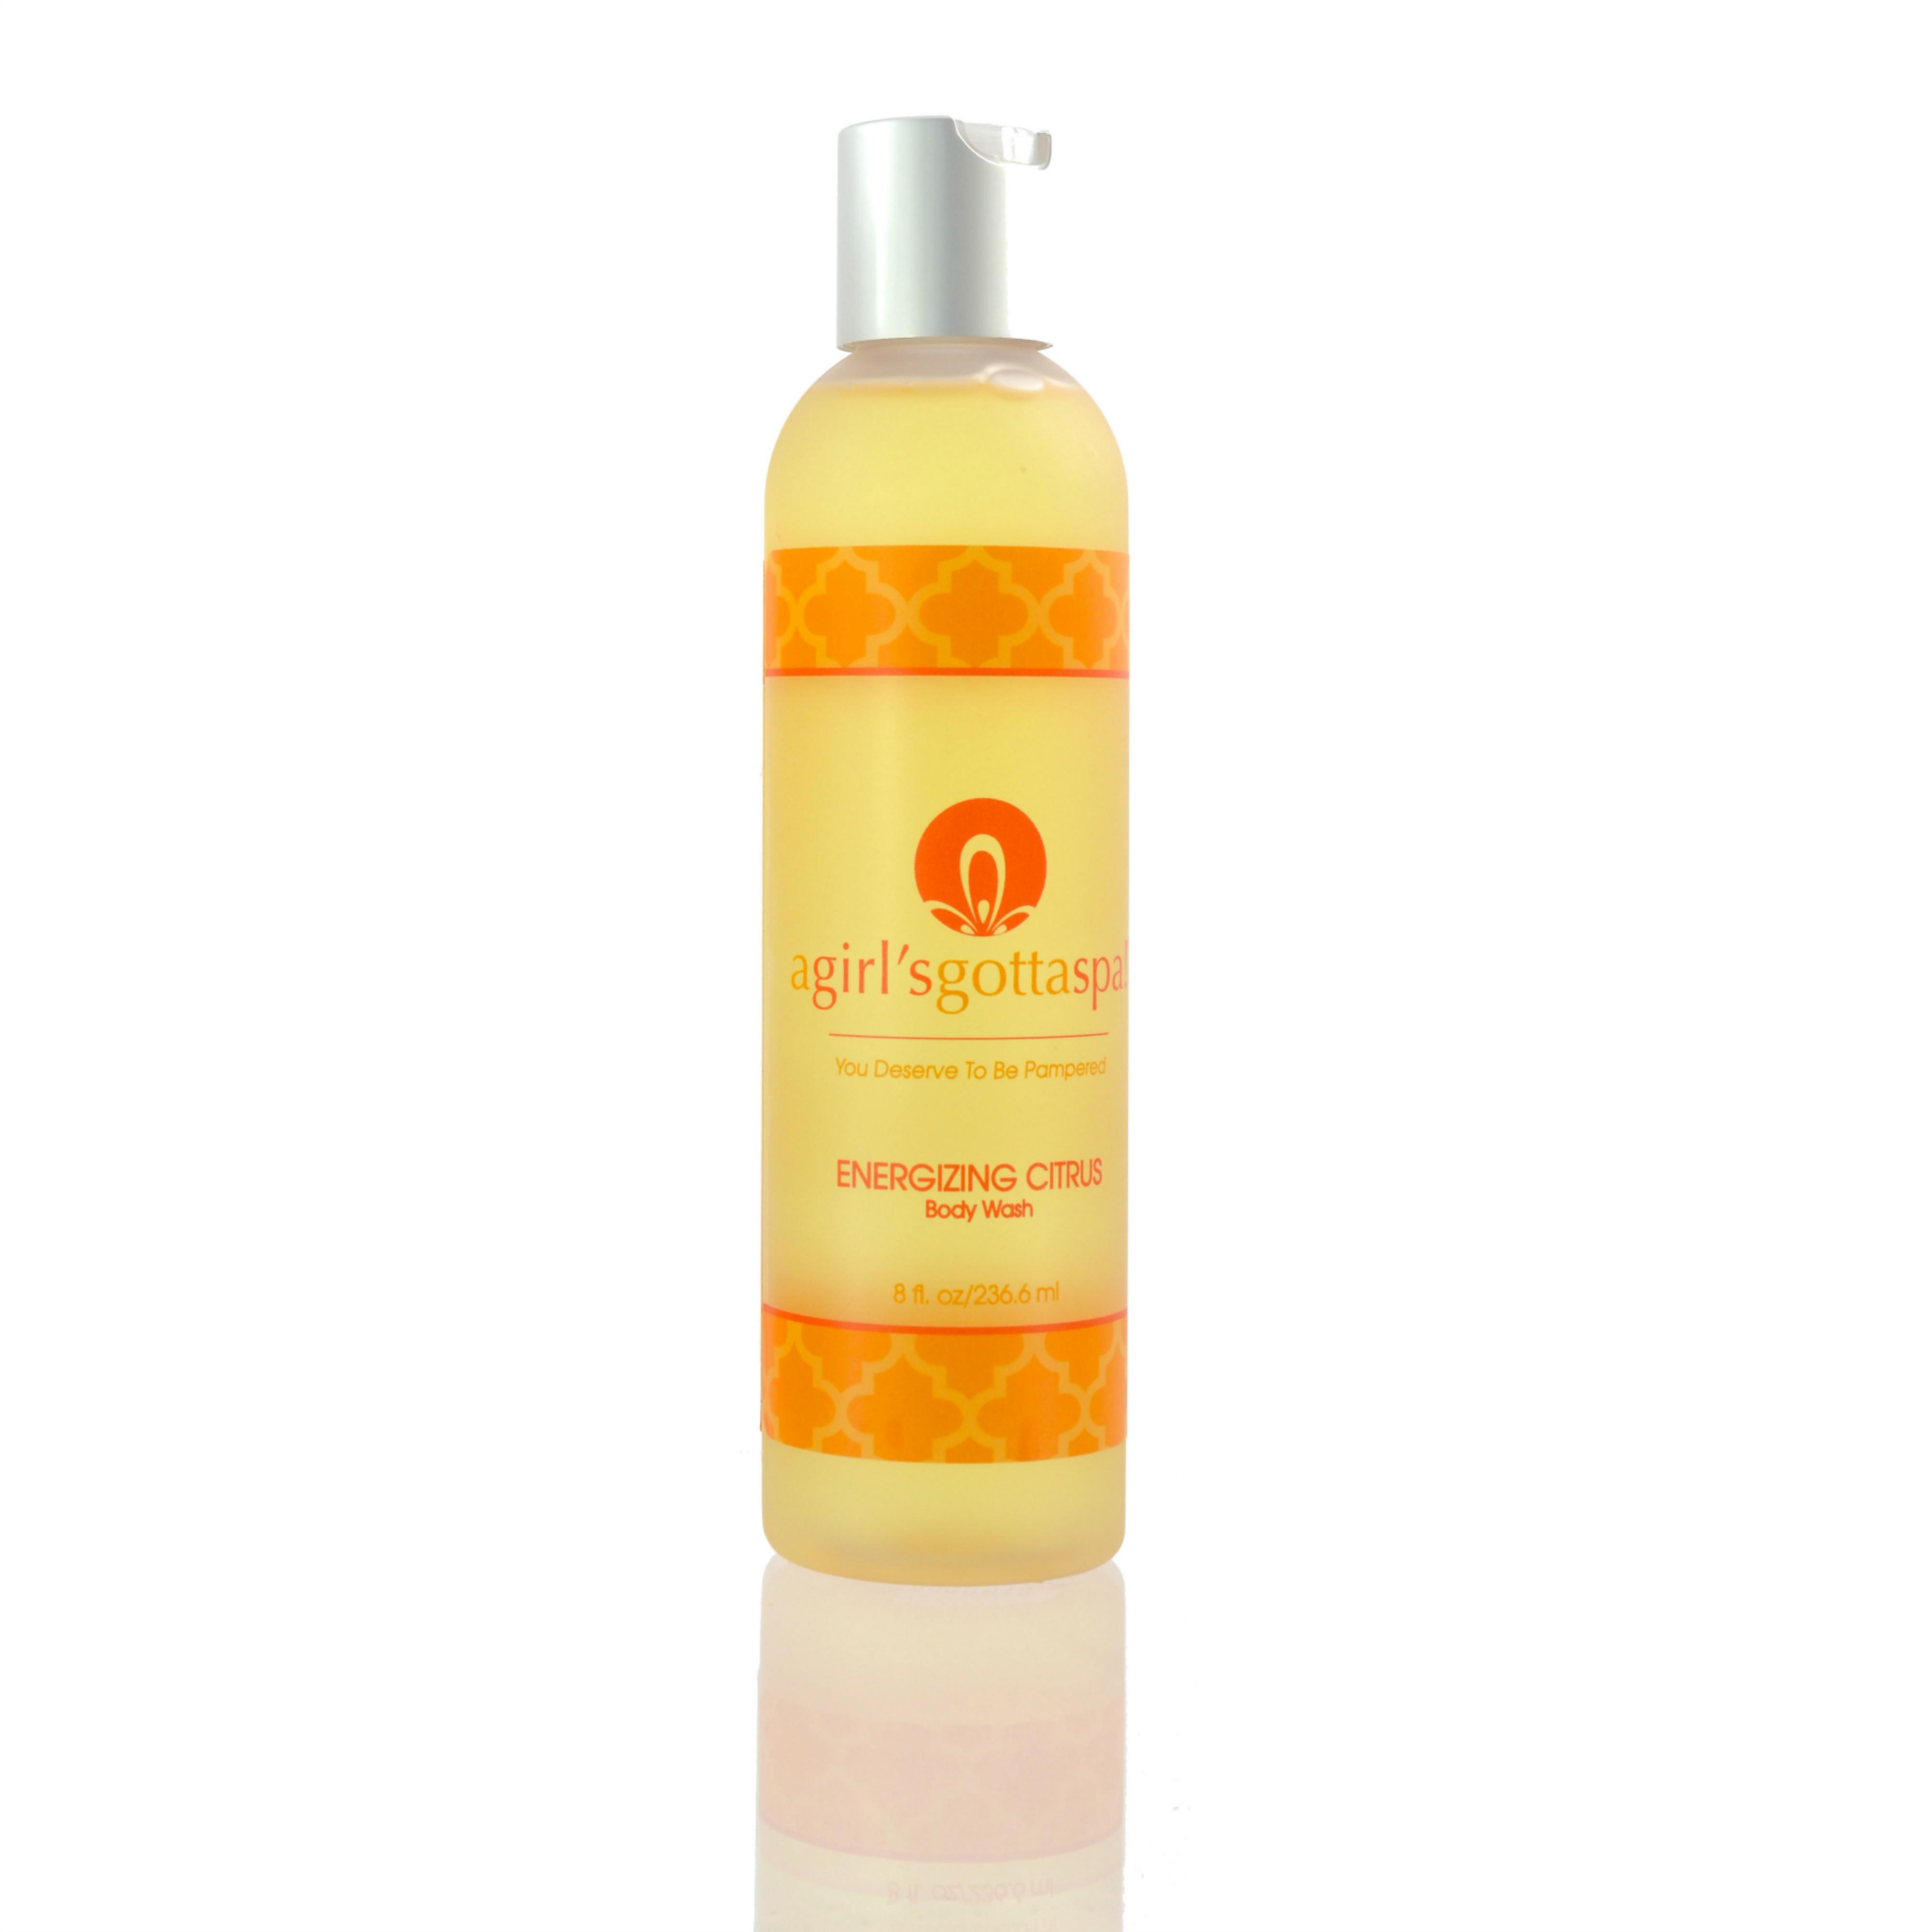 Energizing Citrus Body Wash 01BWEC